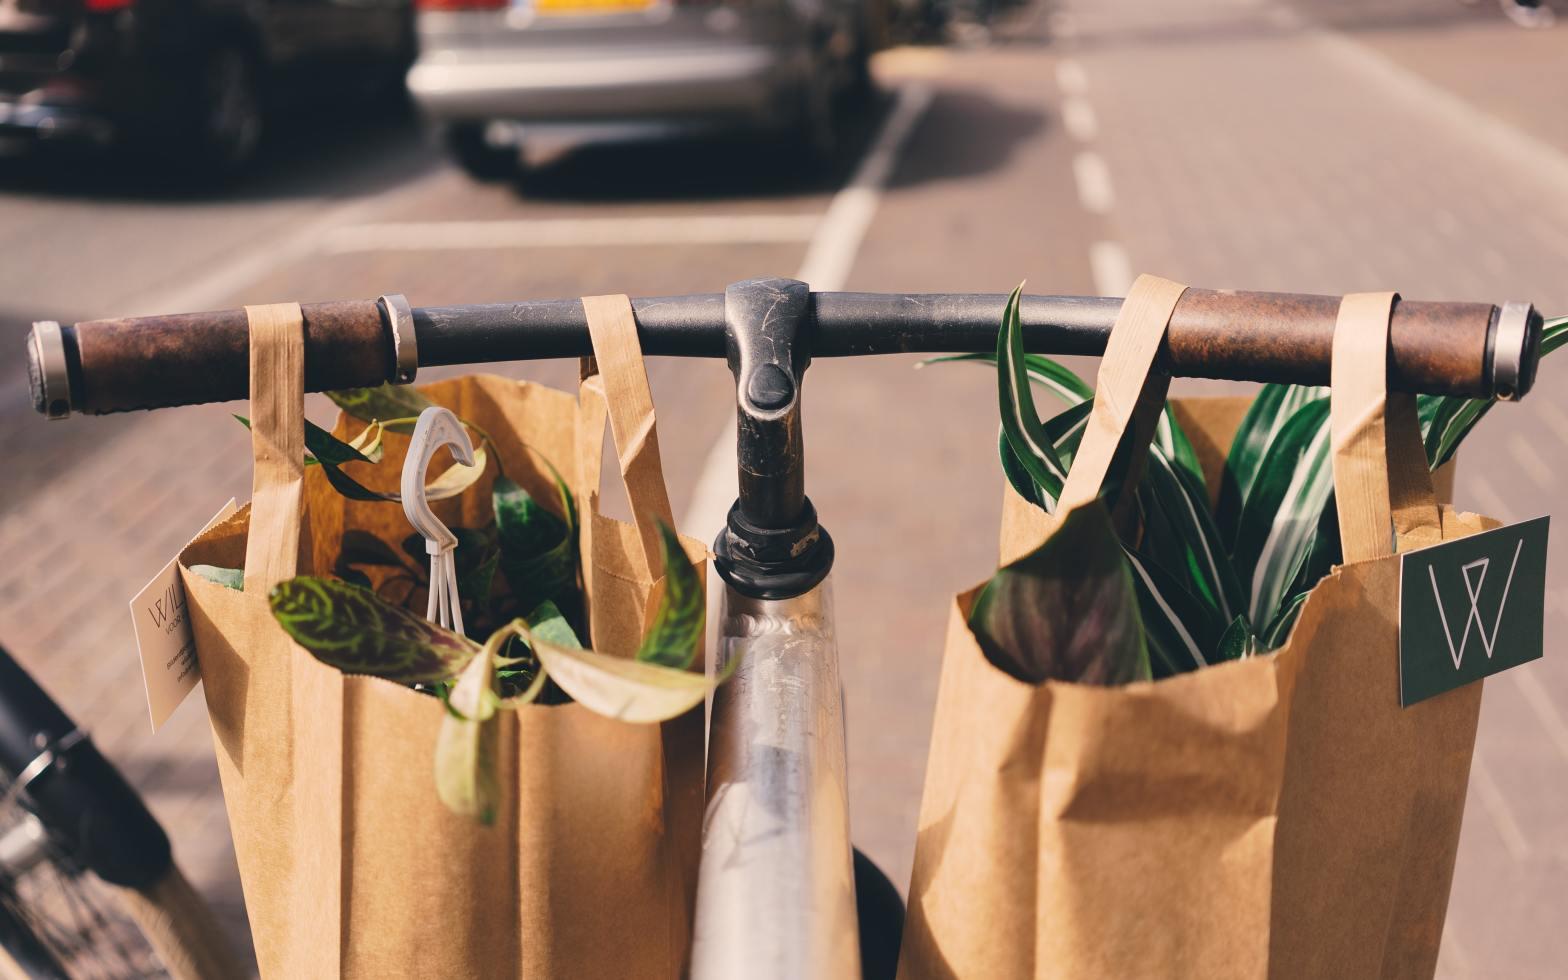 En la imagen se observa dos bolsas de papel café con plantas en su interior, colgadas en el manubrio de una bicicleta